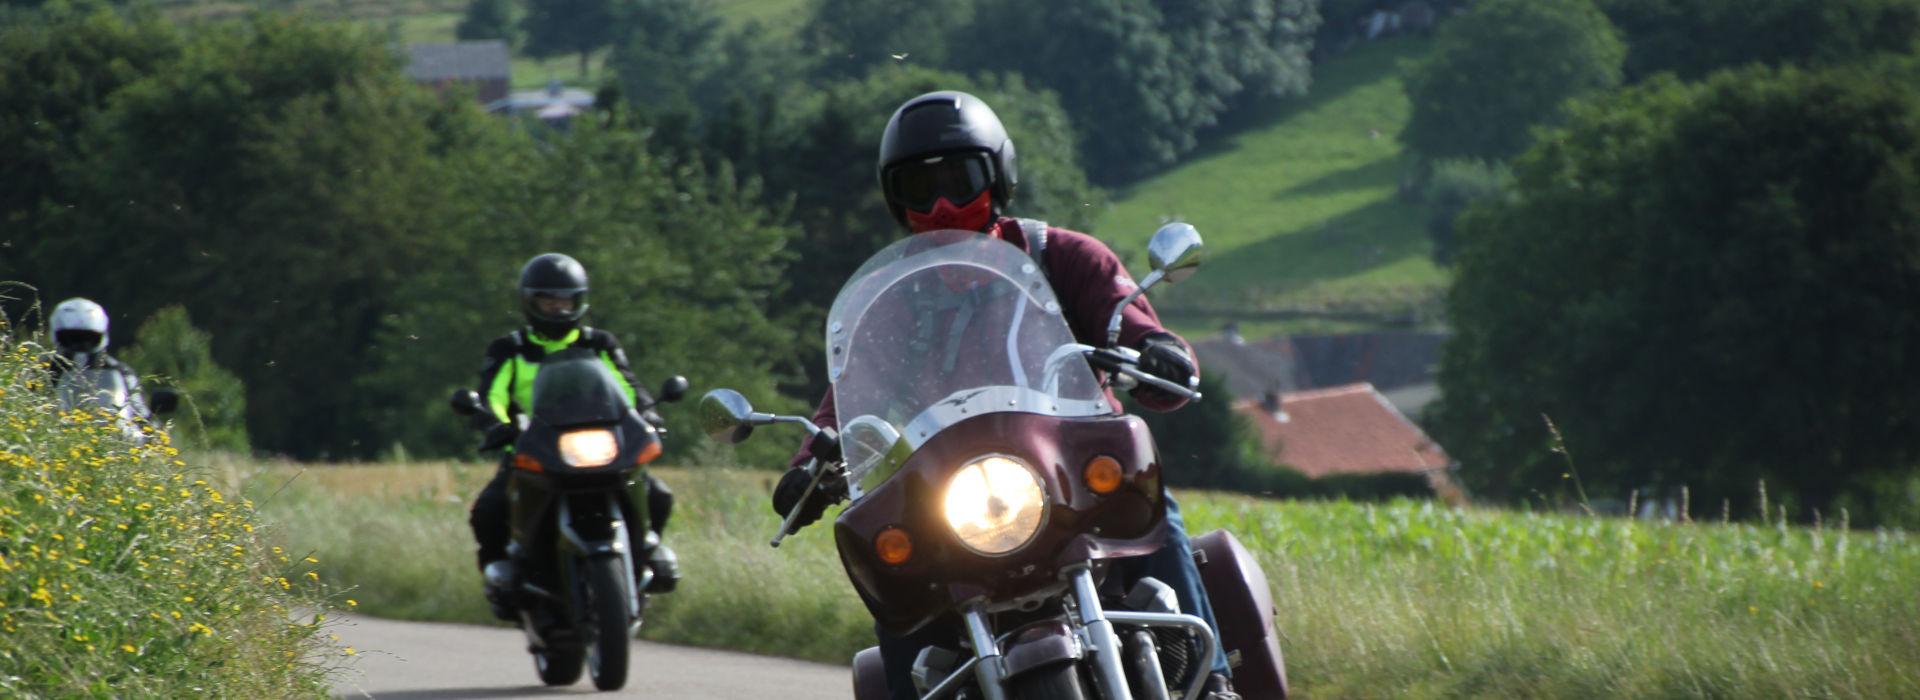 Motorrijbewijspoint Heerhugowaard motorrijlessen